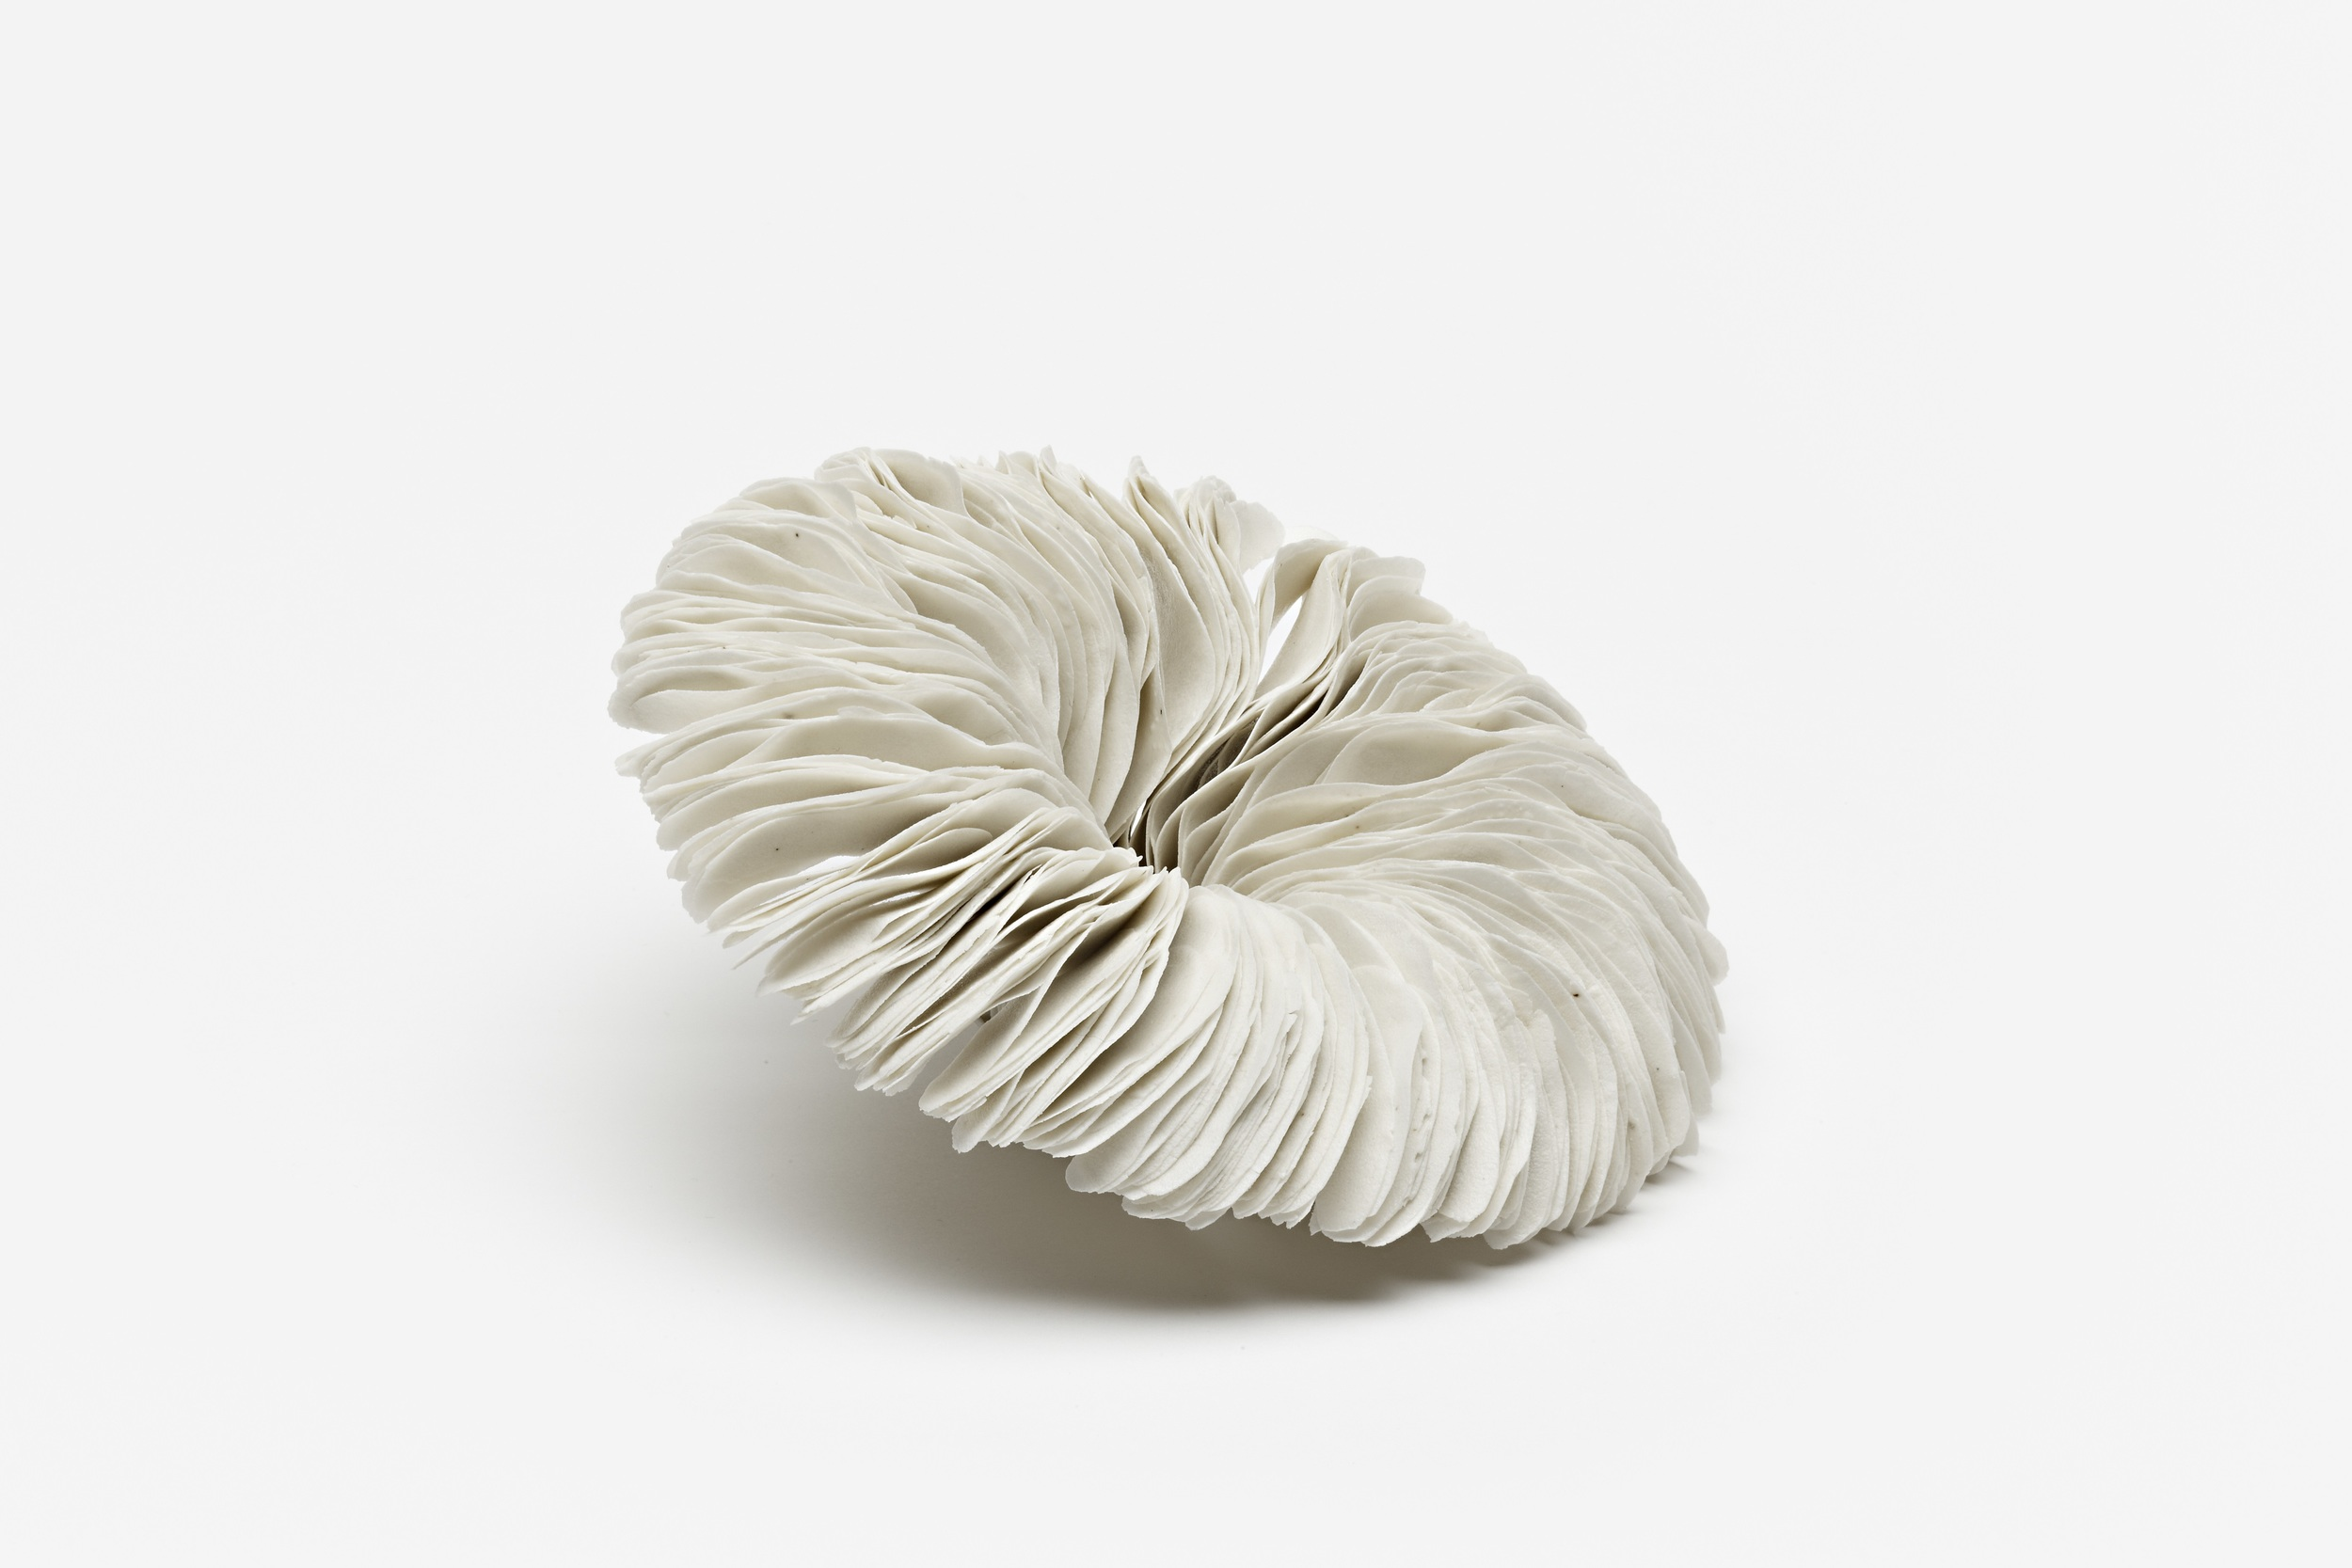 Vibration Series,  2010, artist blend glaze material, 7cm x 14cm x 15cm